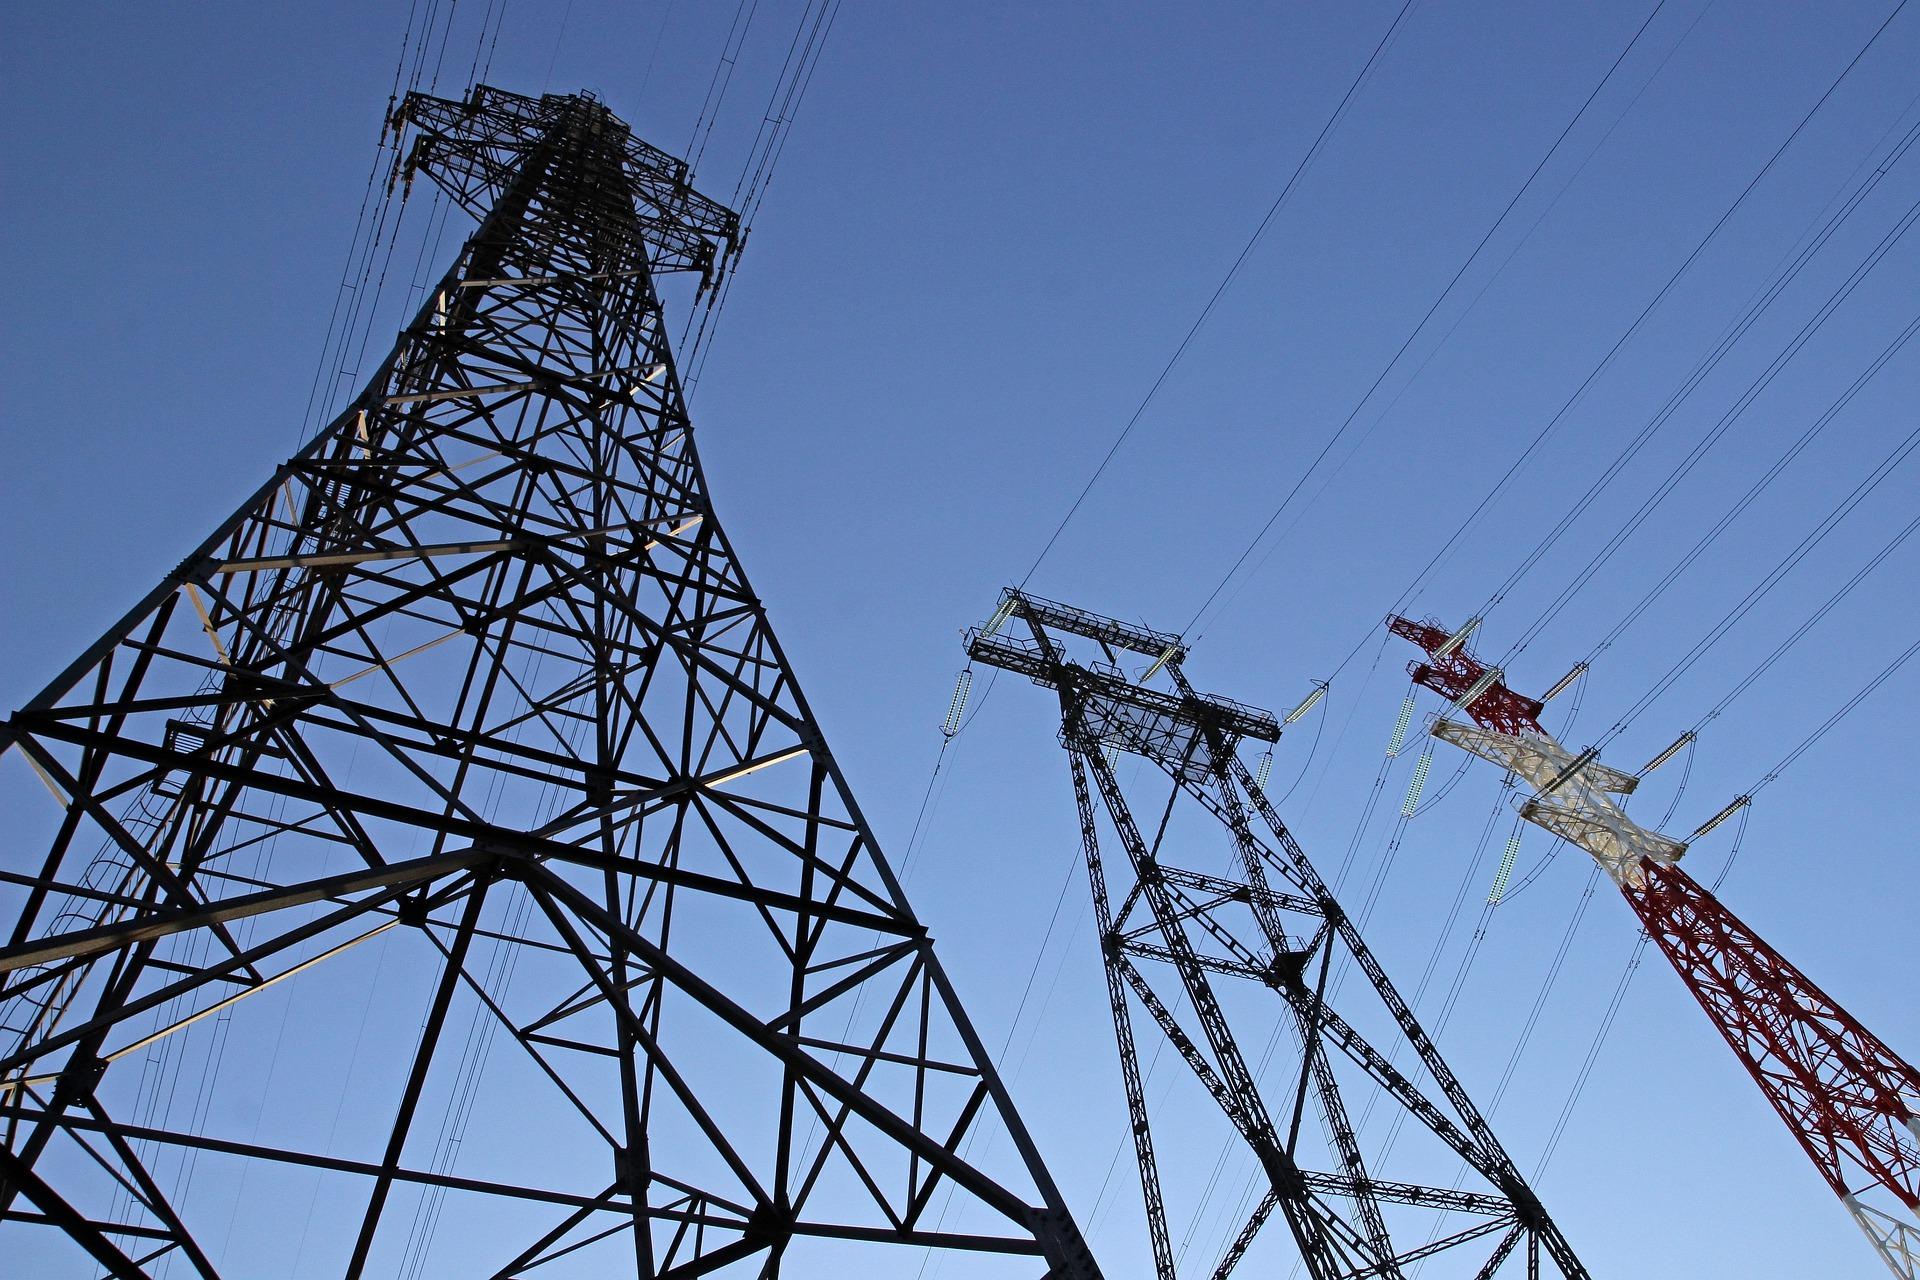 Une ligne électrique haute tension. Illustration © Наталья Лукина/Pixabay